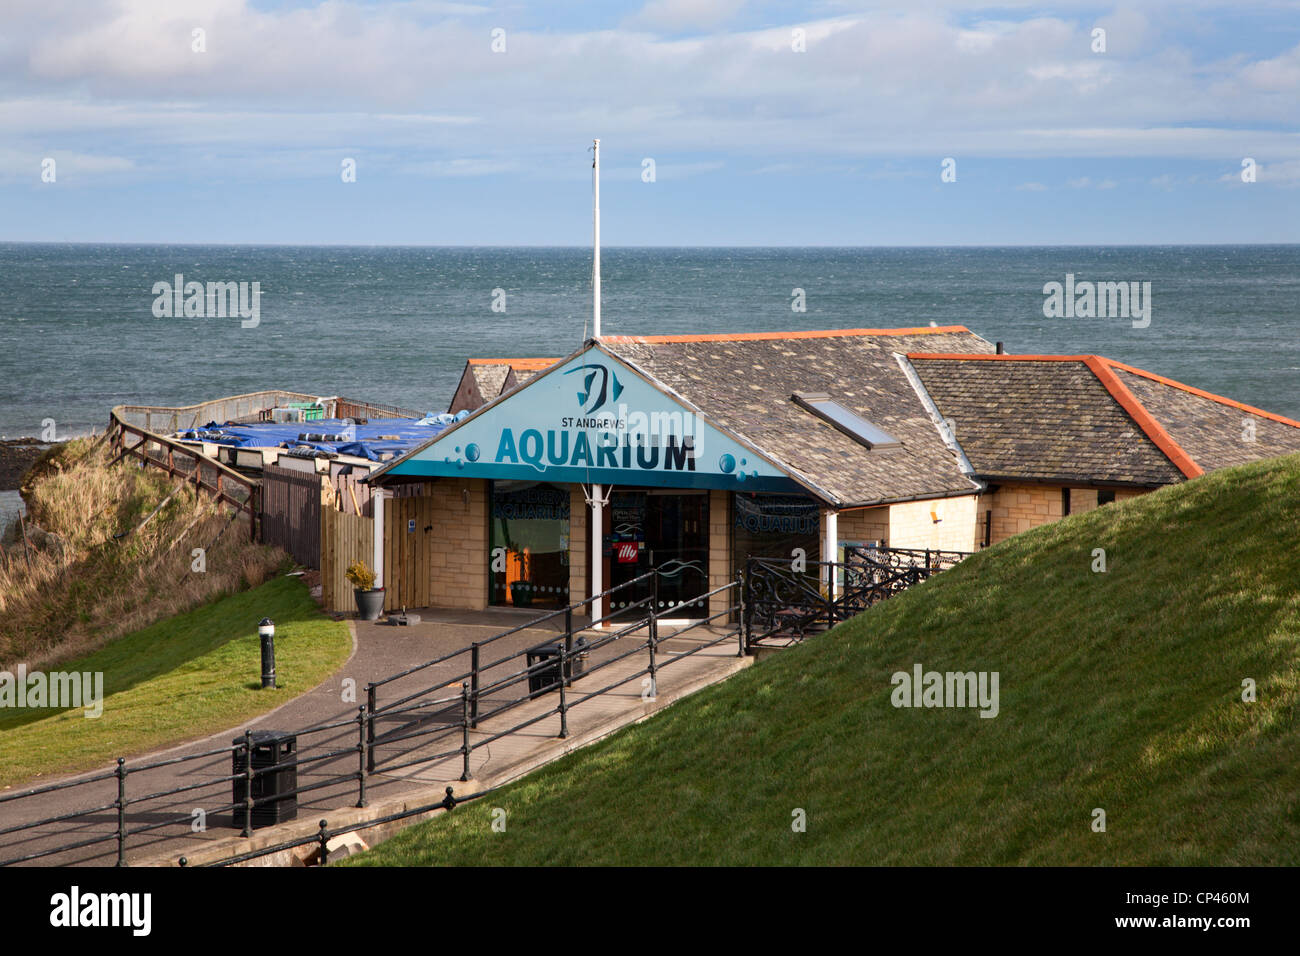 St Andrews Aquarium Fife Scotland - Stock Image